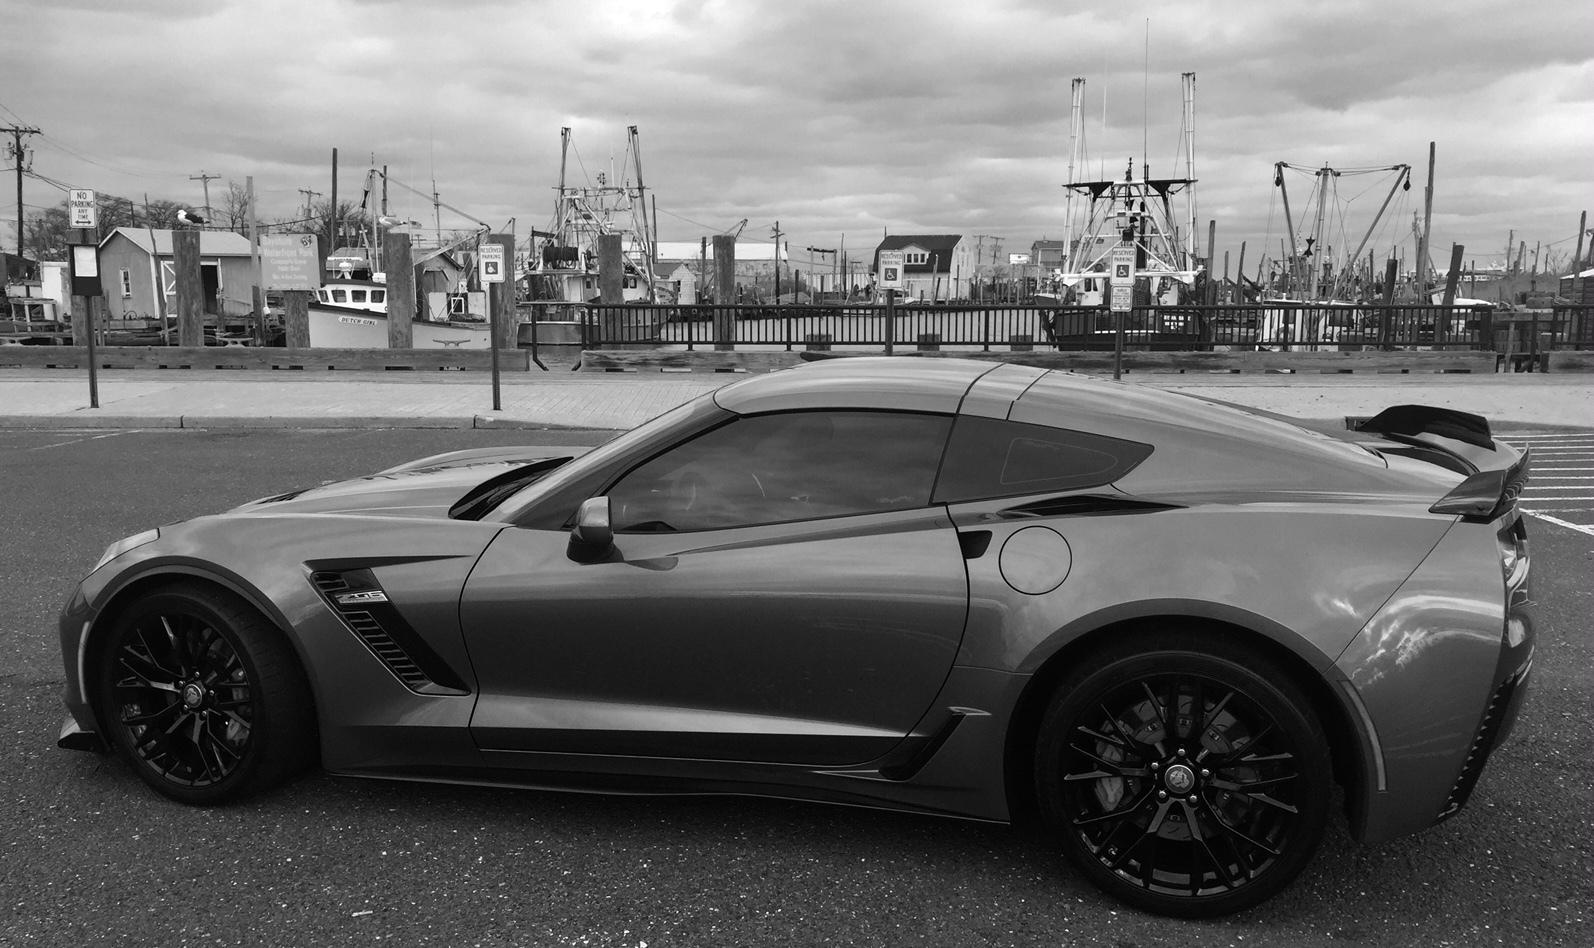 Kelebihan Kekurangan Corvette C7 Z06 Tangguh